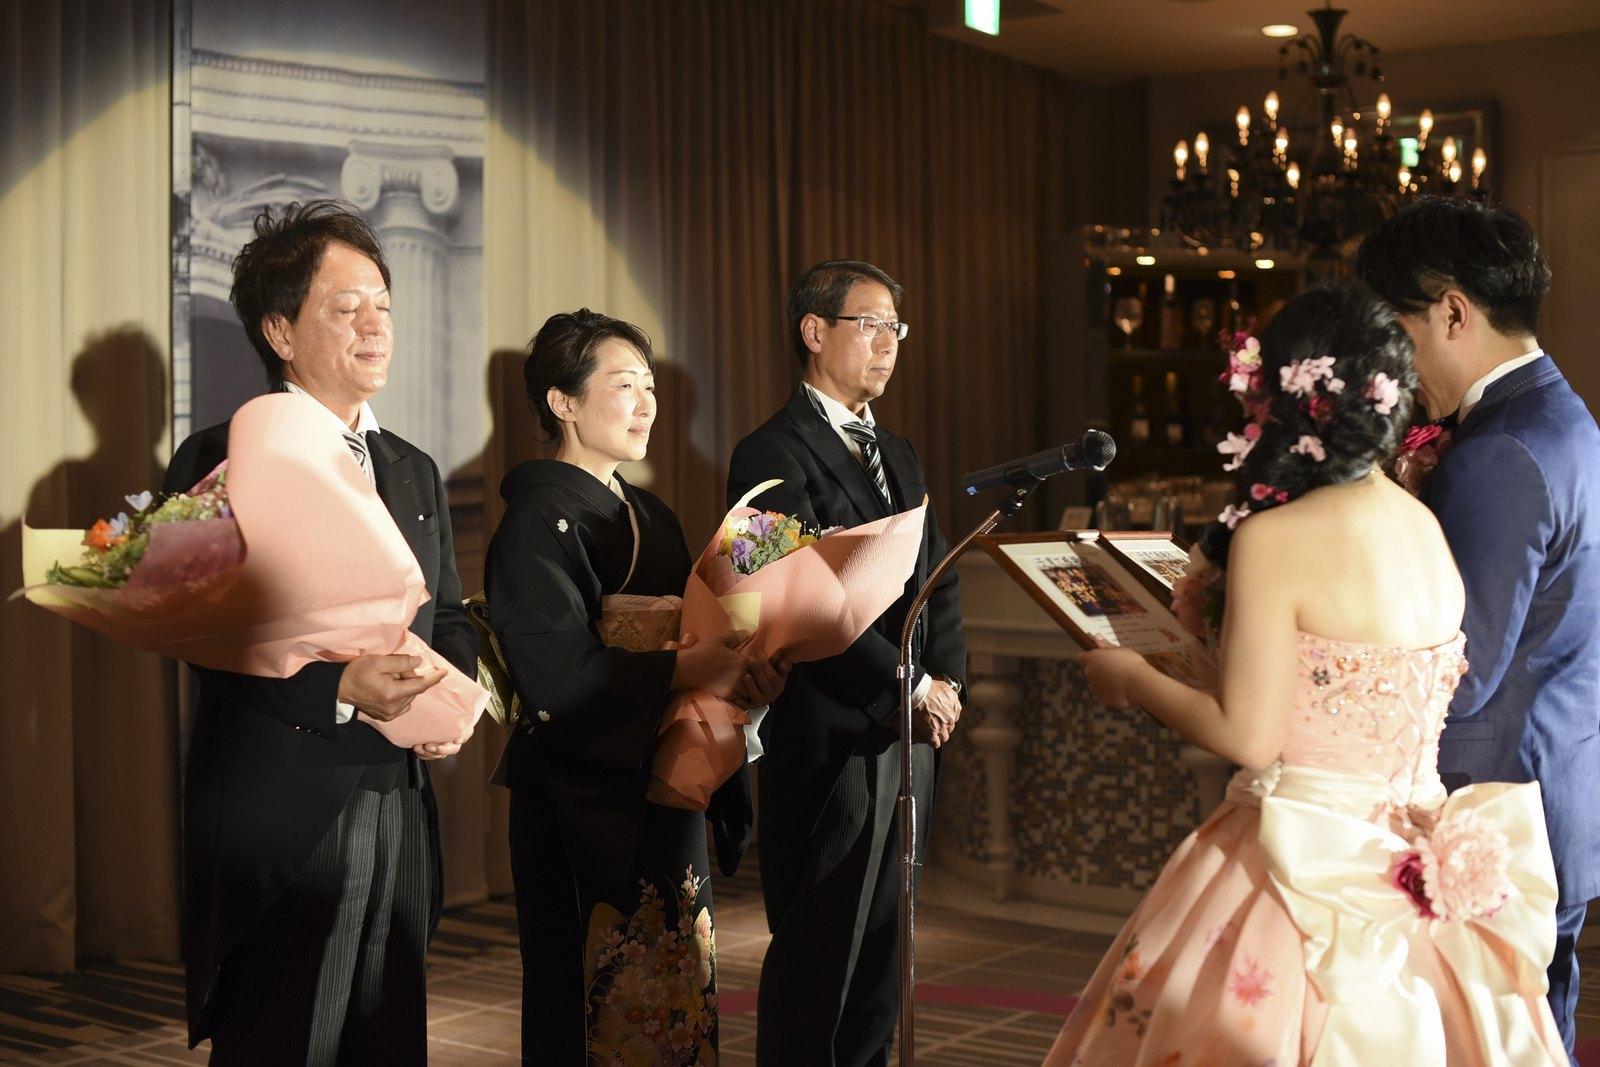 徳島市の結婚式場ブランアンジュでご両親に記念品と花束の贈呈